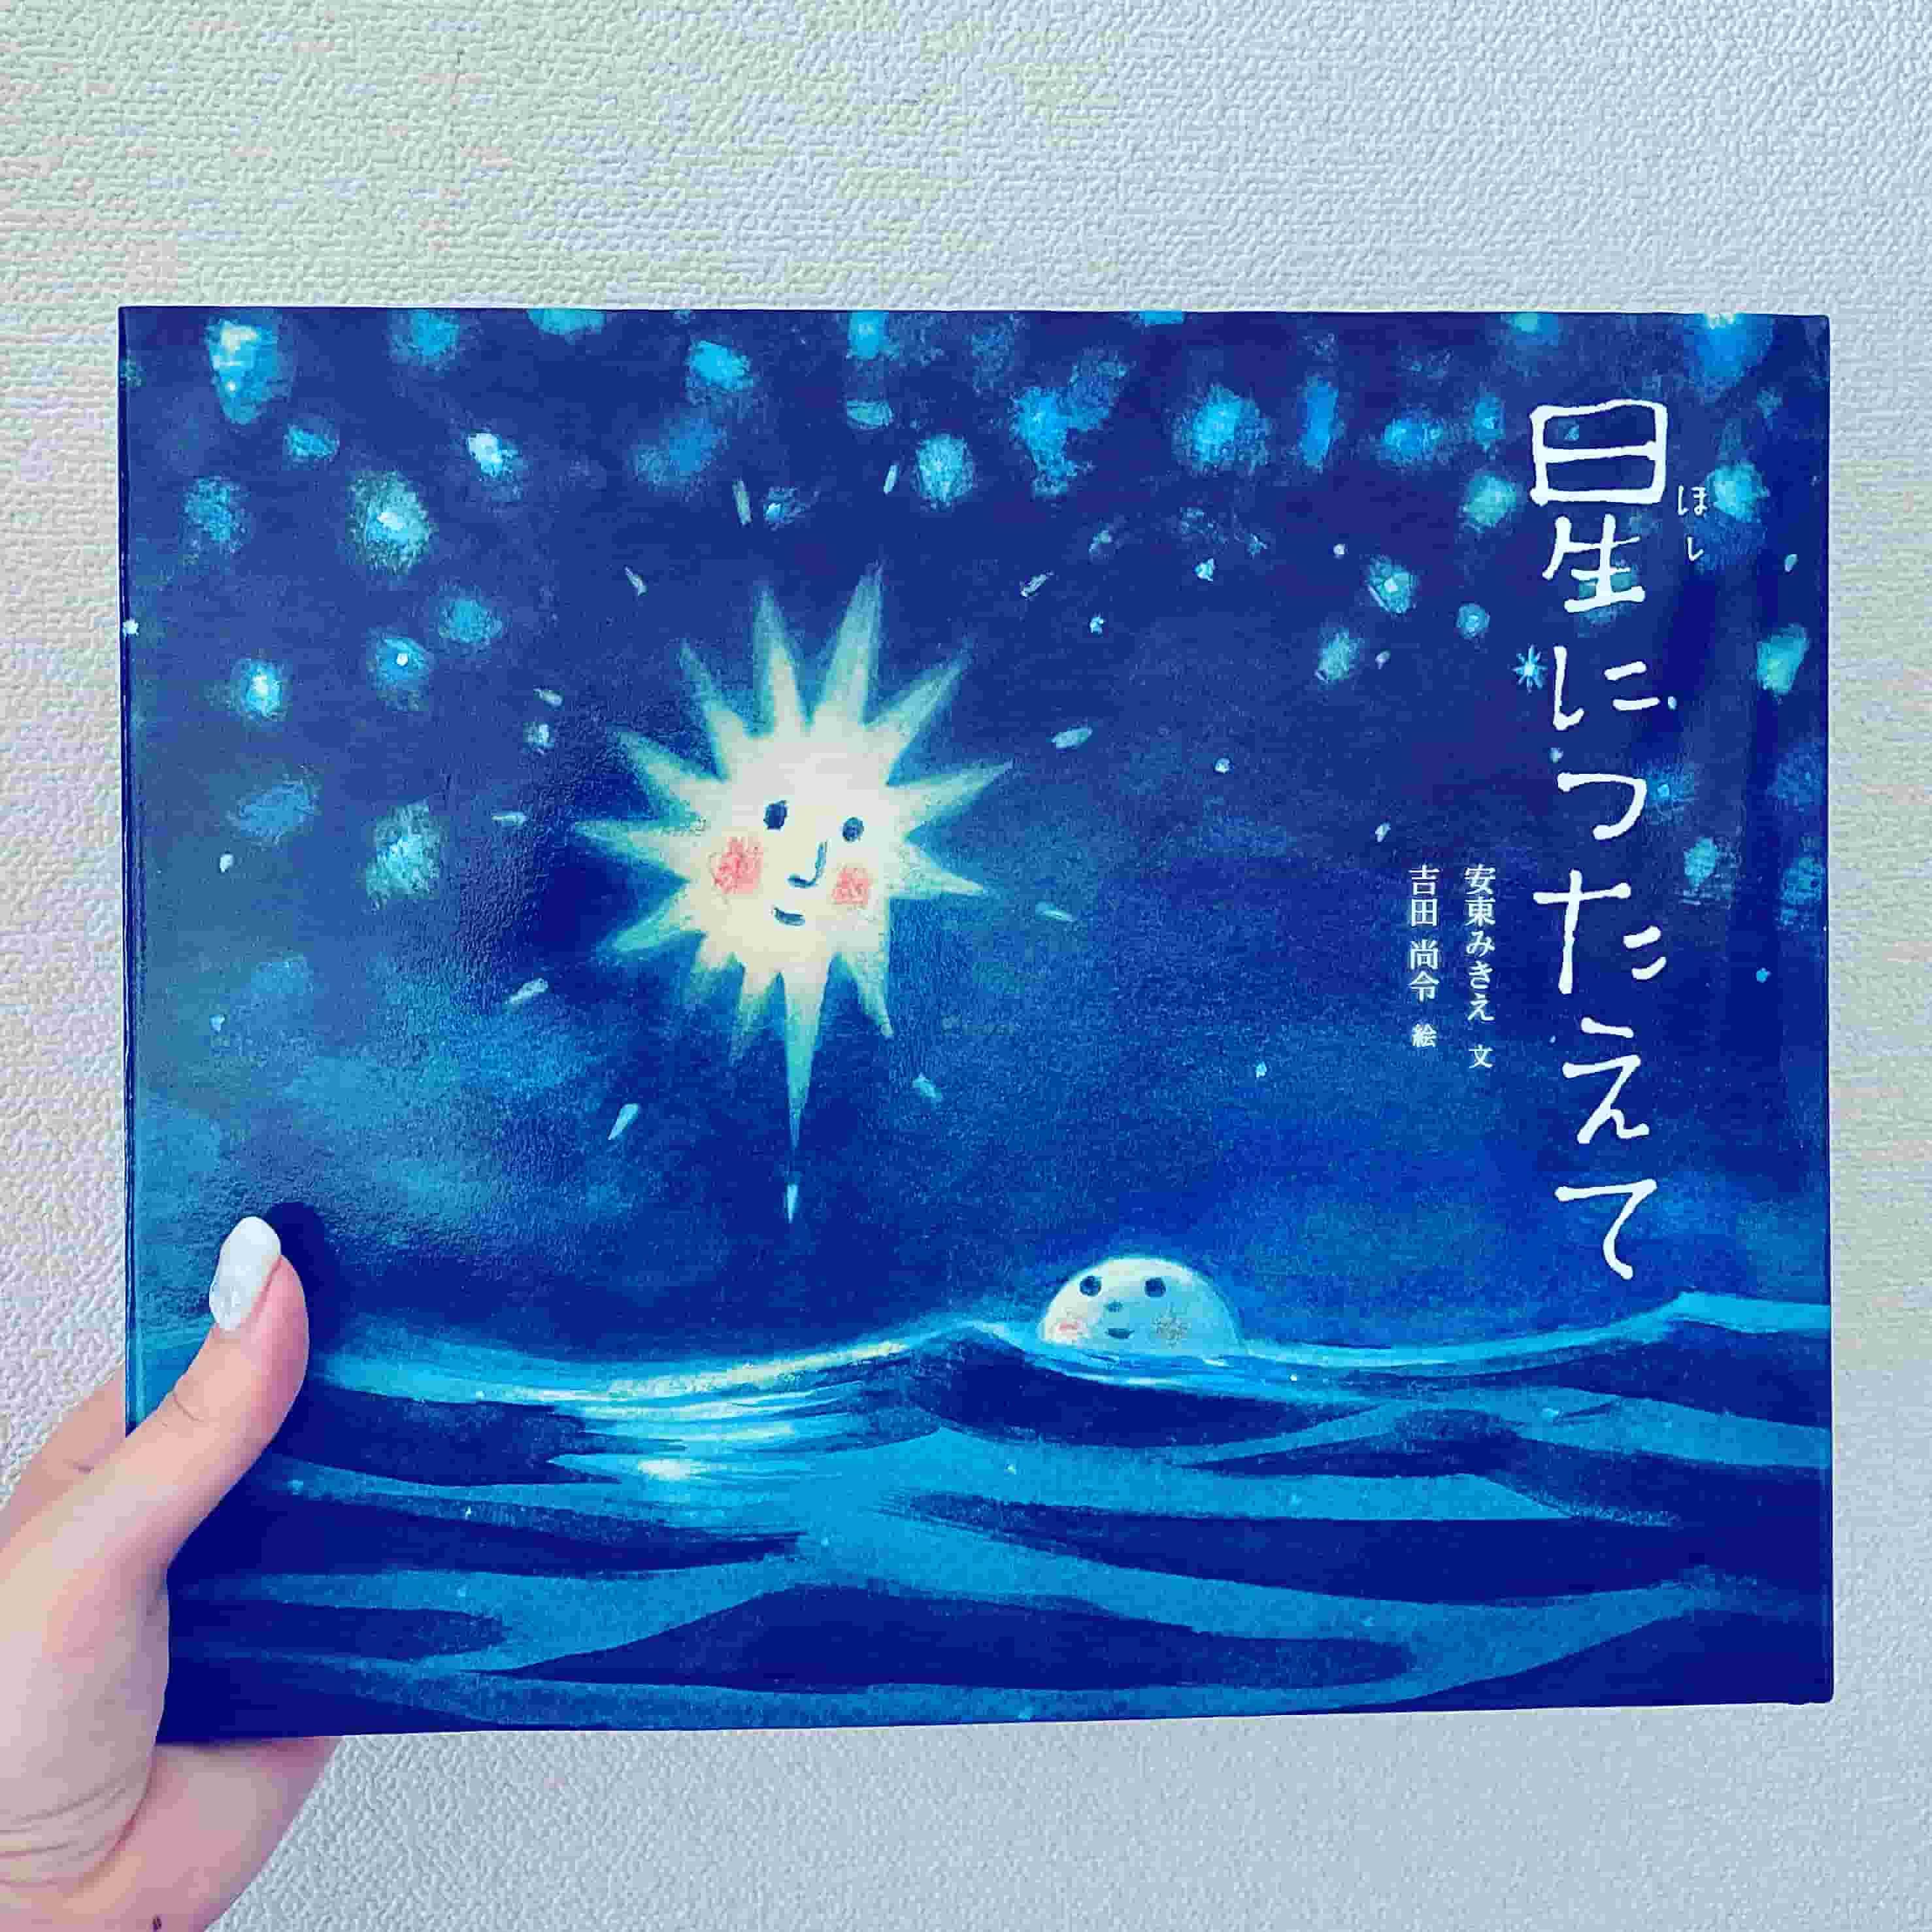 星につたえて.jpg